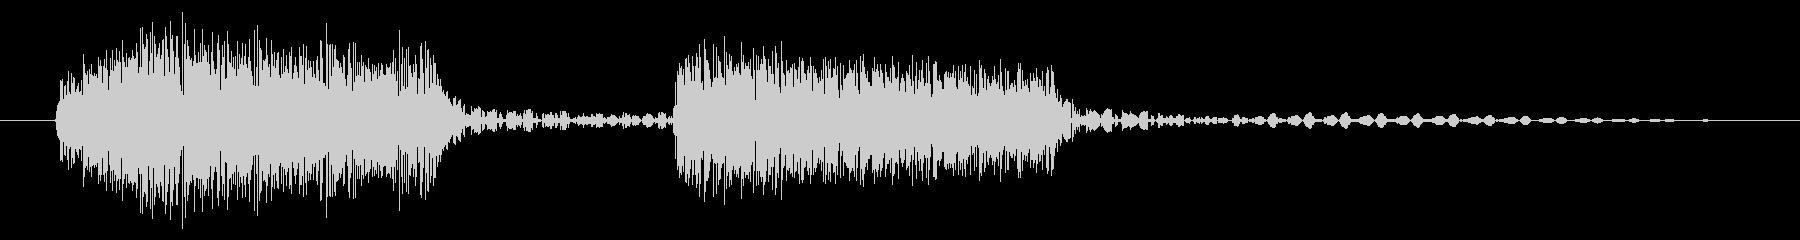 ブブッ/不正解/クイズの未再生の波形